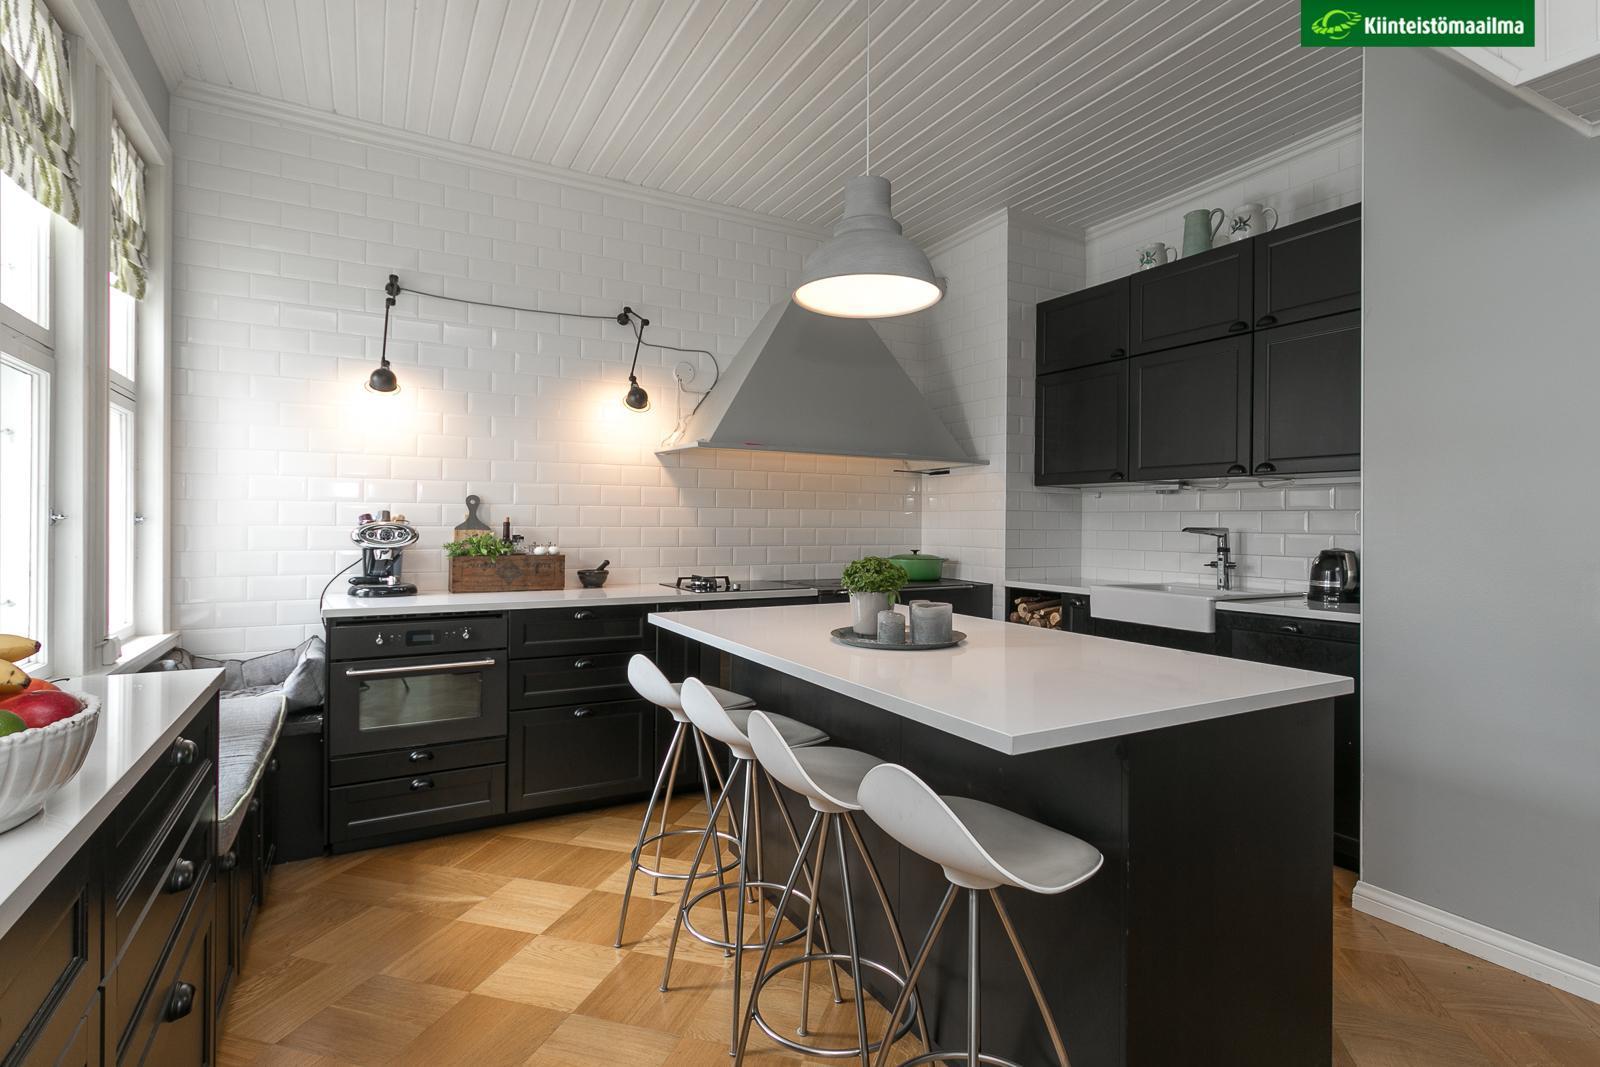 Tunnelmallinen musta keittiö vanhassa huvilassa  Etuovi com Ideat & vinkit